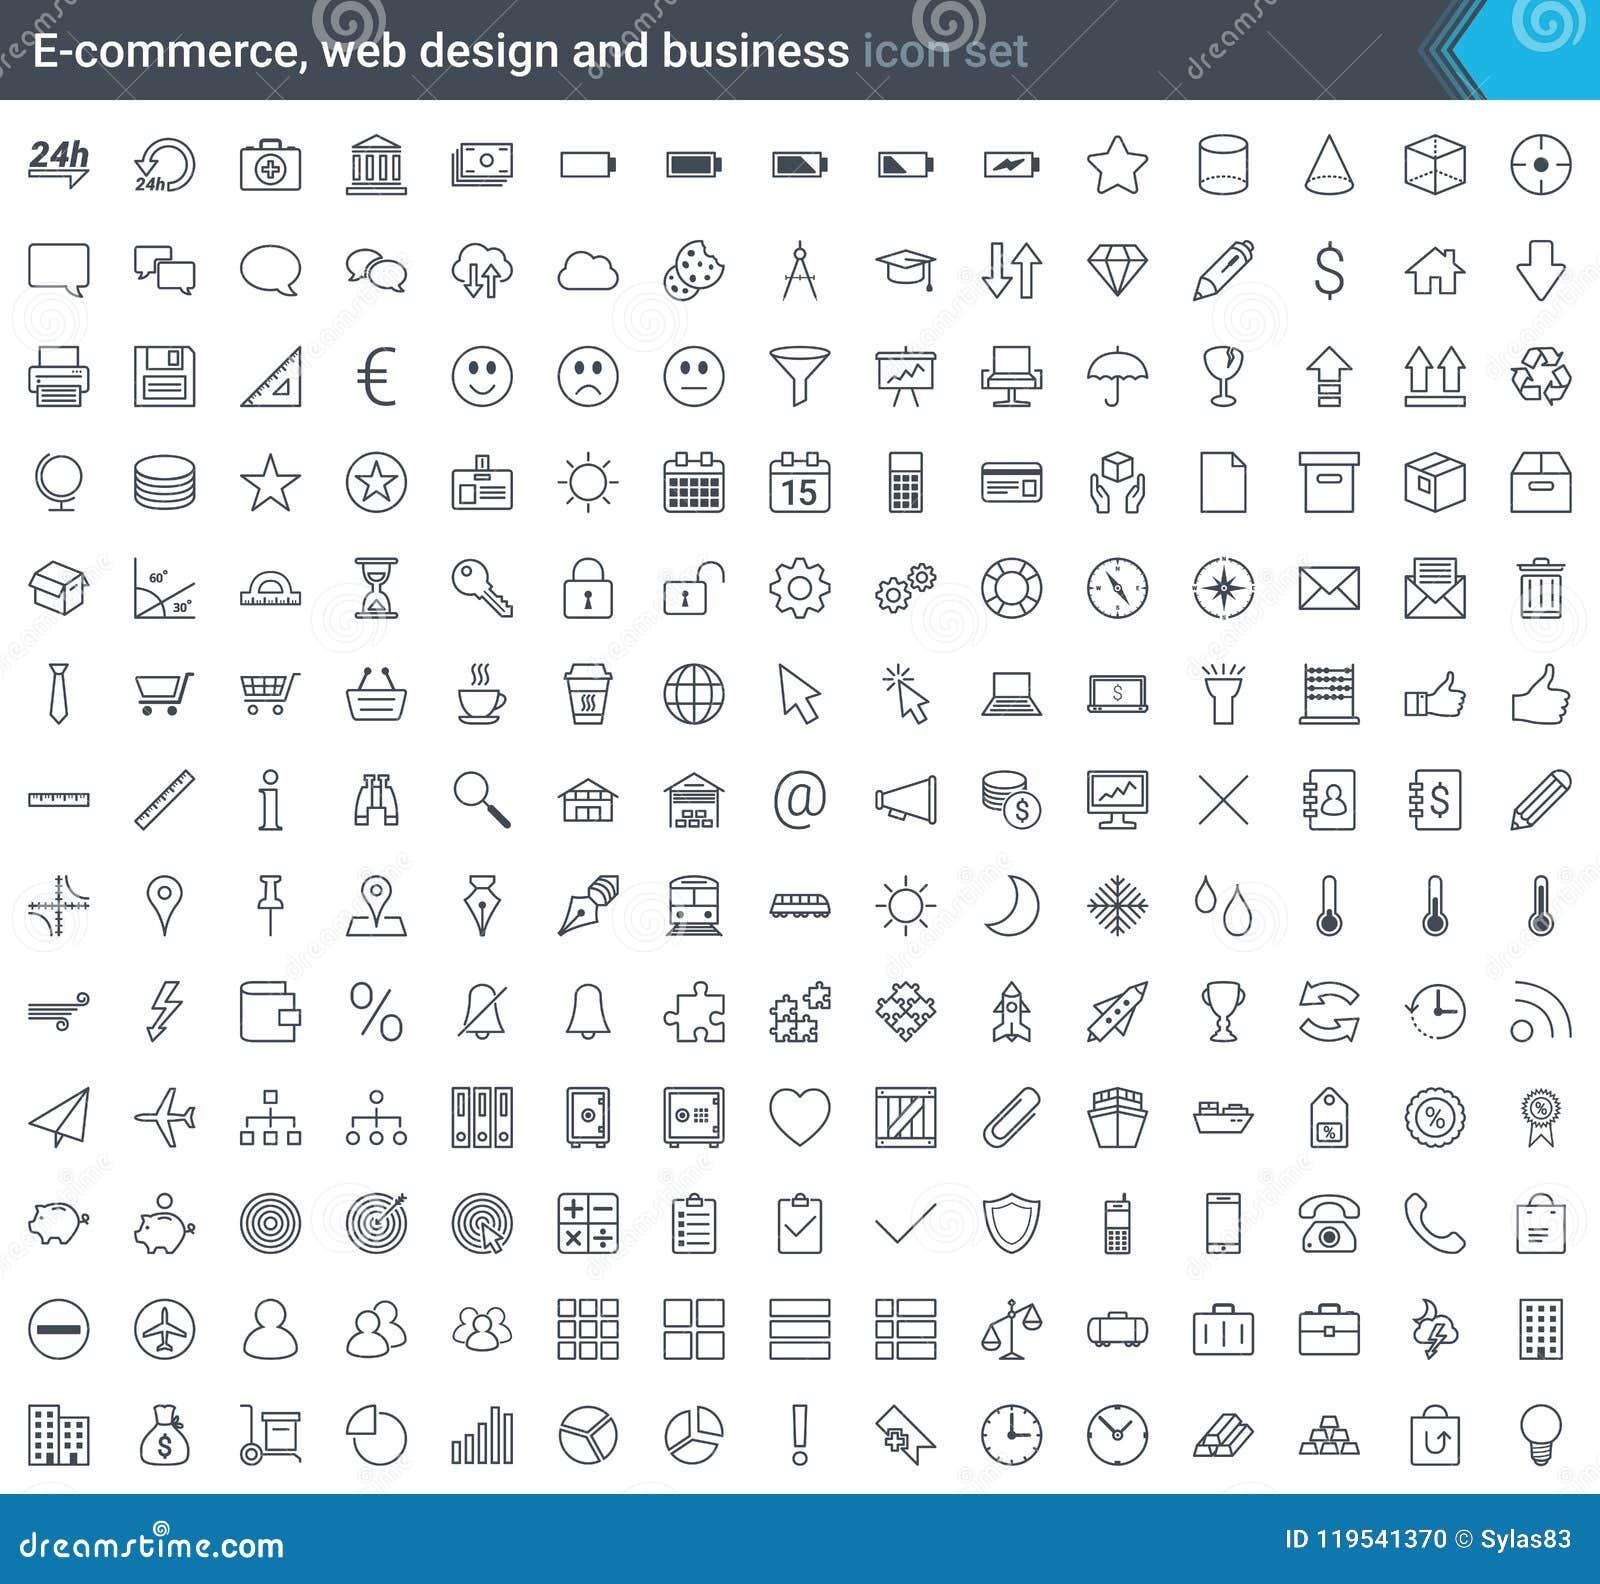 Os ícones do negócio, do comércio eletrônico, da Web e da compra ajustaram-se no estilo moderno isolado no fundo branco Ícones do